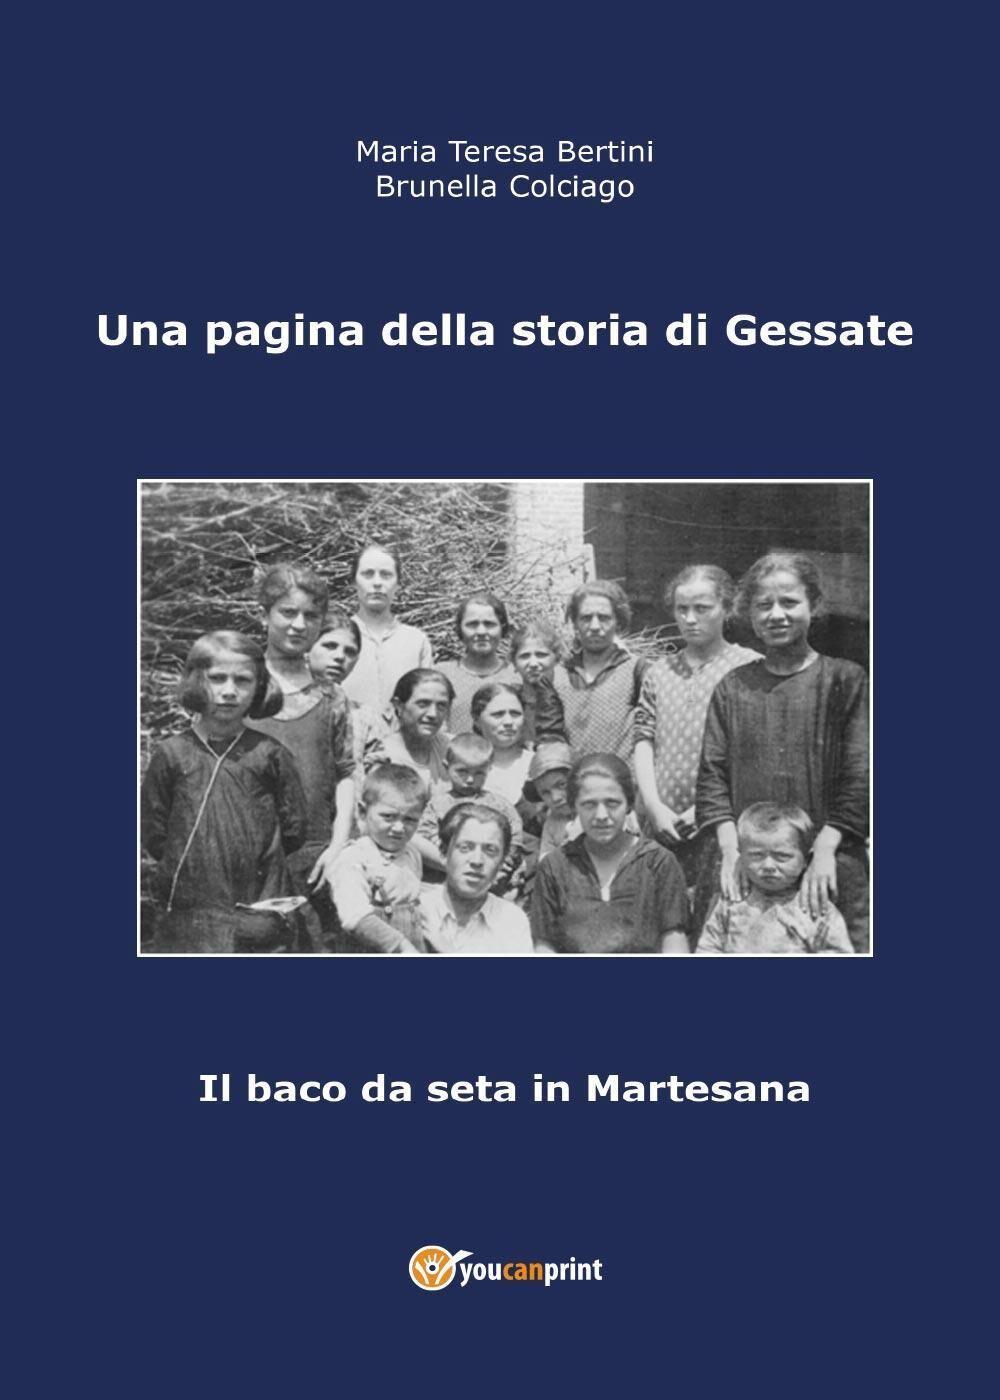 Una pagina della storia di Gessate. Il baco da seta in Martesana